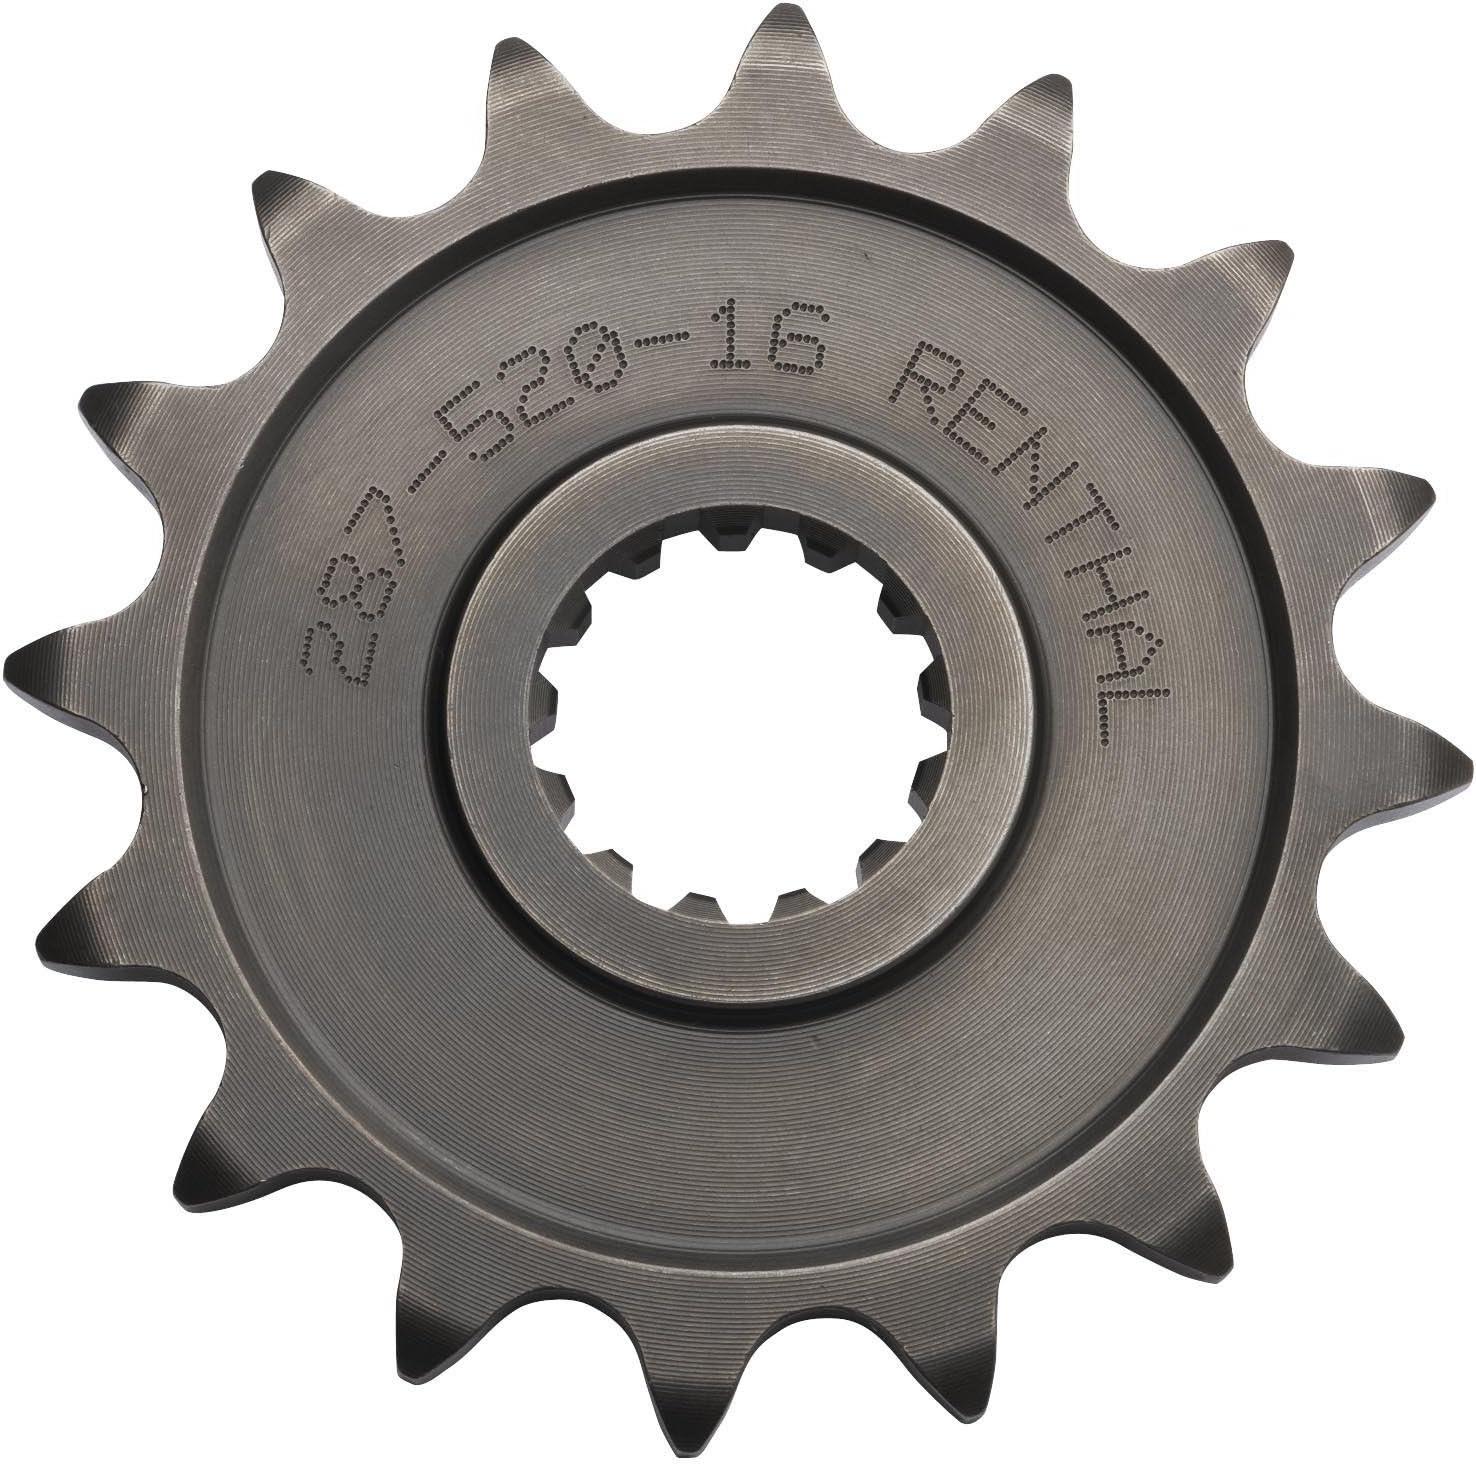 18T Sprocket Position: Front 341--530-18P Sprocket Size: 530 Sprocket Teeth: 18 Renthal Steel Front Sprocket Color: Natural Material: Steel